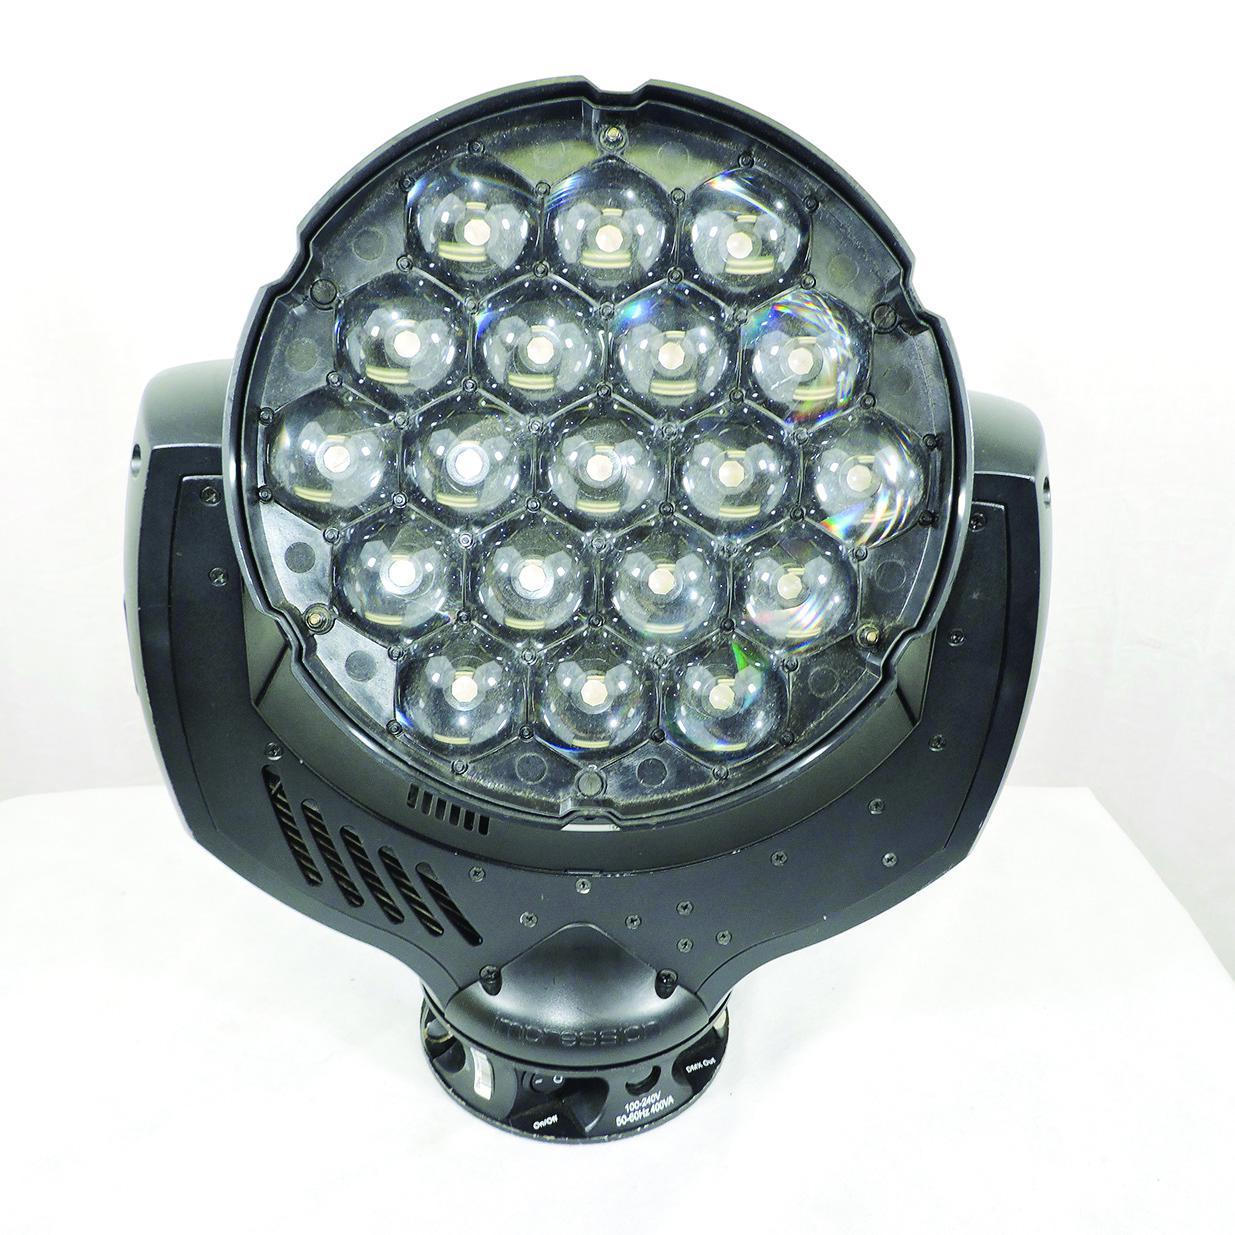 prg proshop glp impression x4 led rgbw moving light. Black Bedroom Furniture Sets. Home Design Ideas